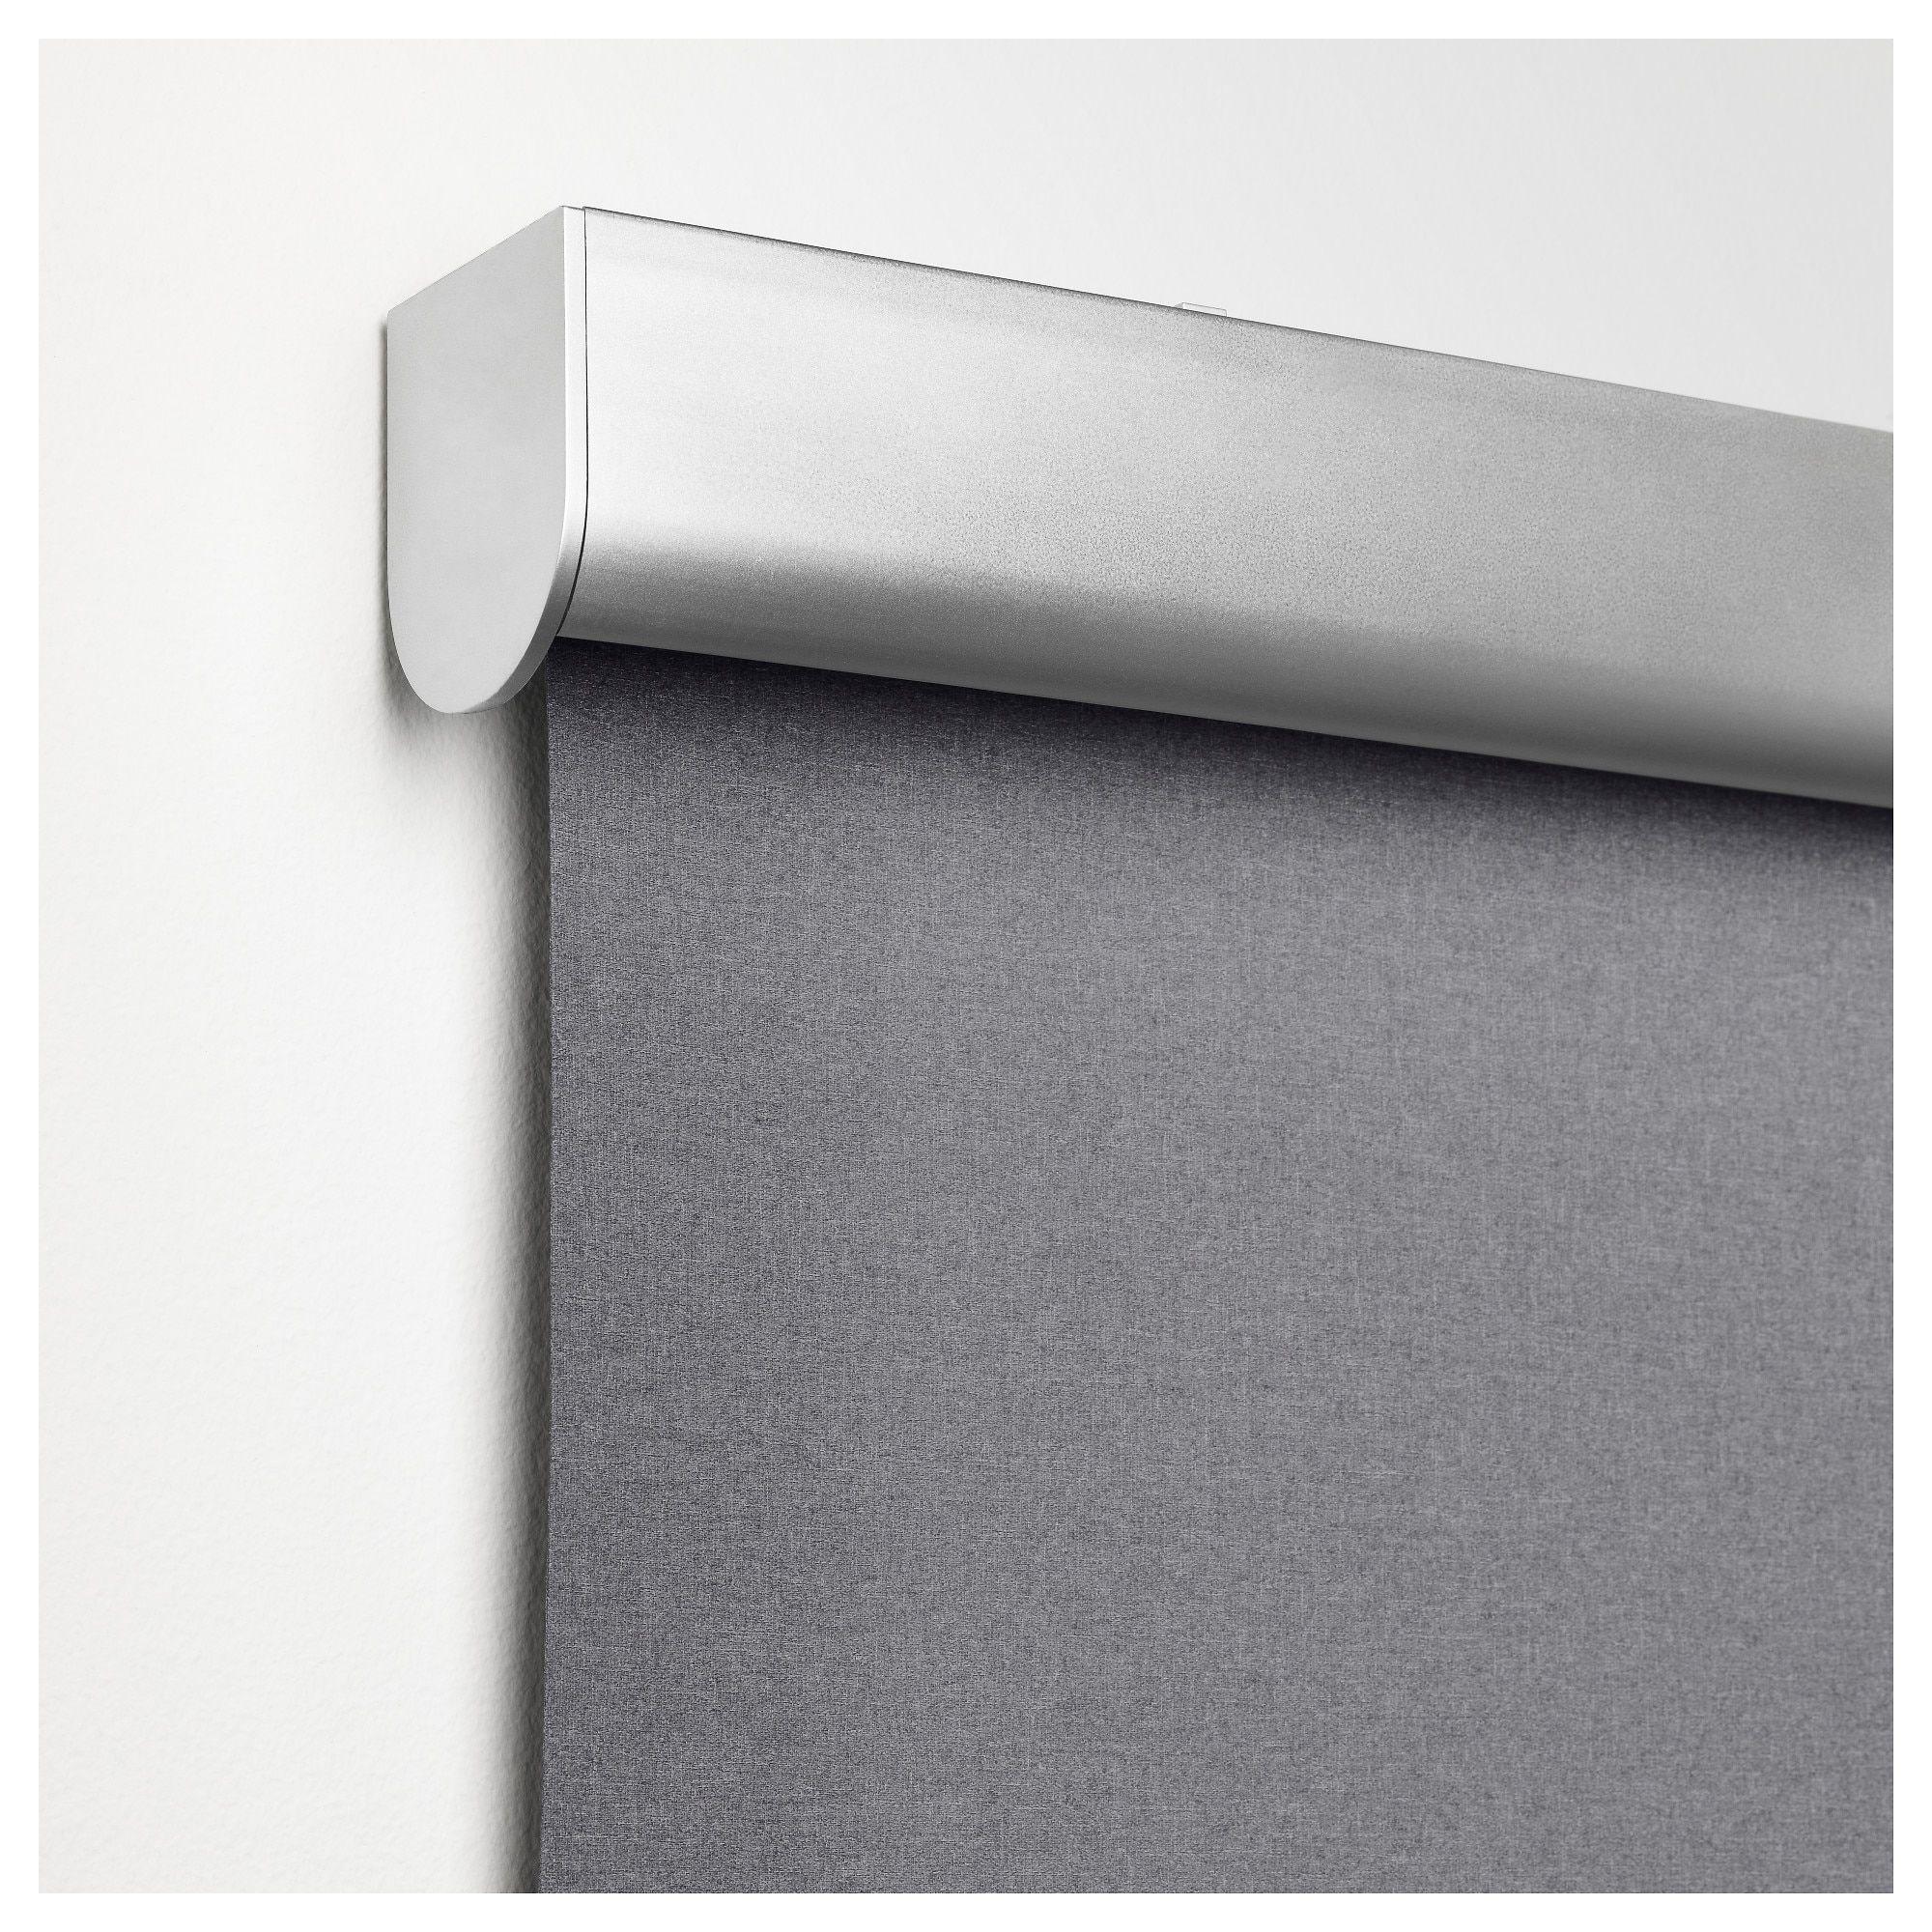 Ikea Tretur Light Gray Blackout Roller Blind Roller